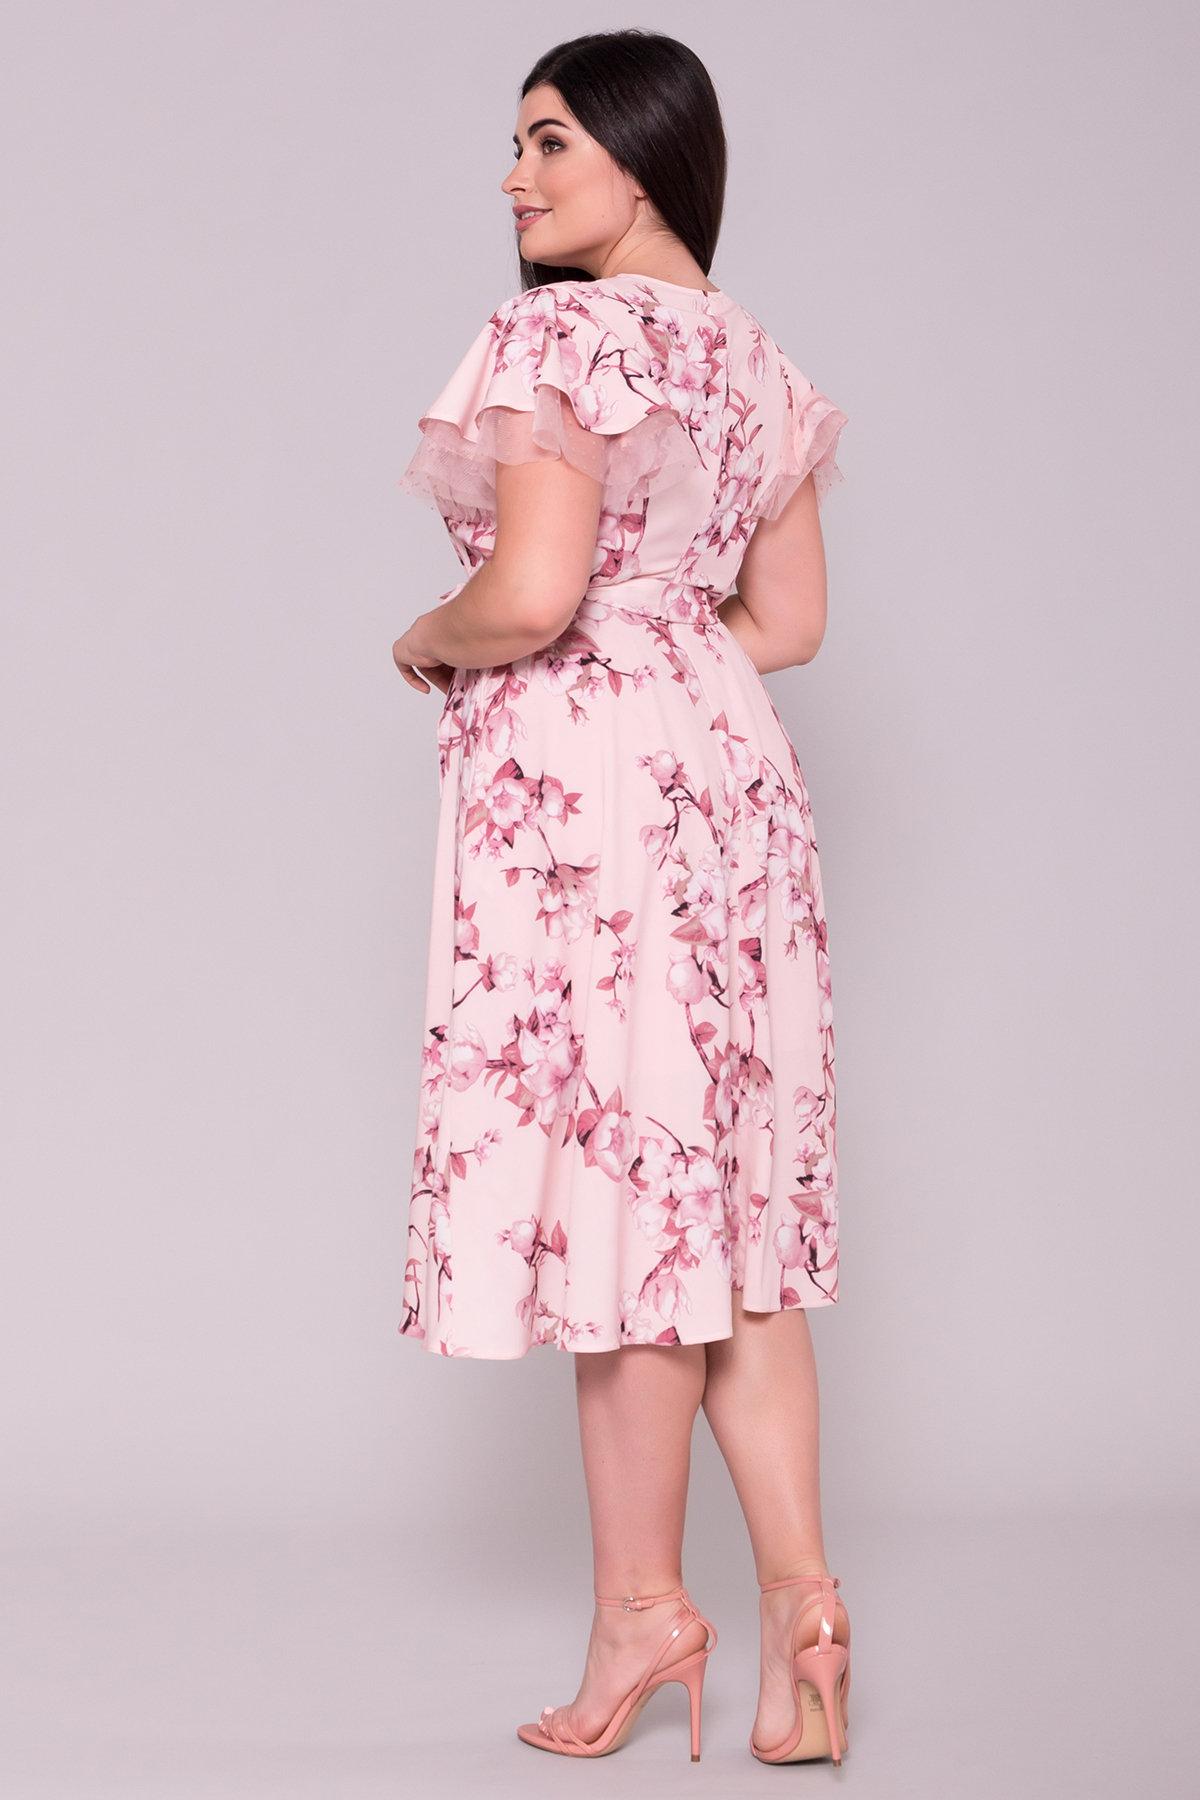 Платье Мидея DONNA 7240 АРТ. 42808 Цвет: Цветы на ветке пудра тем - фото 2, интернет магазин tm-modus.ru